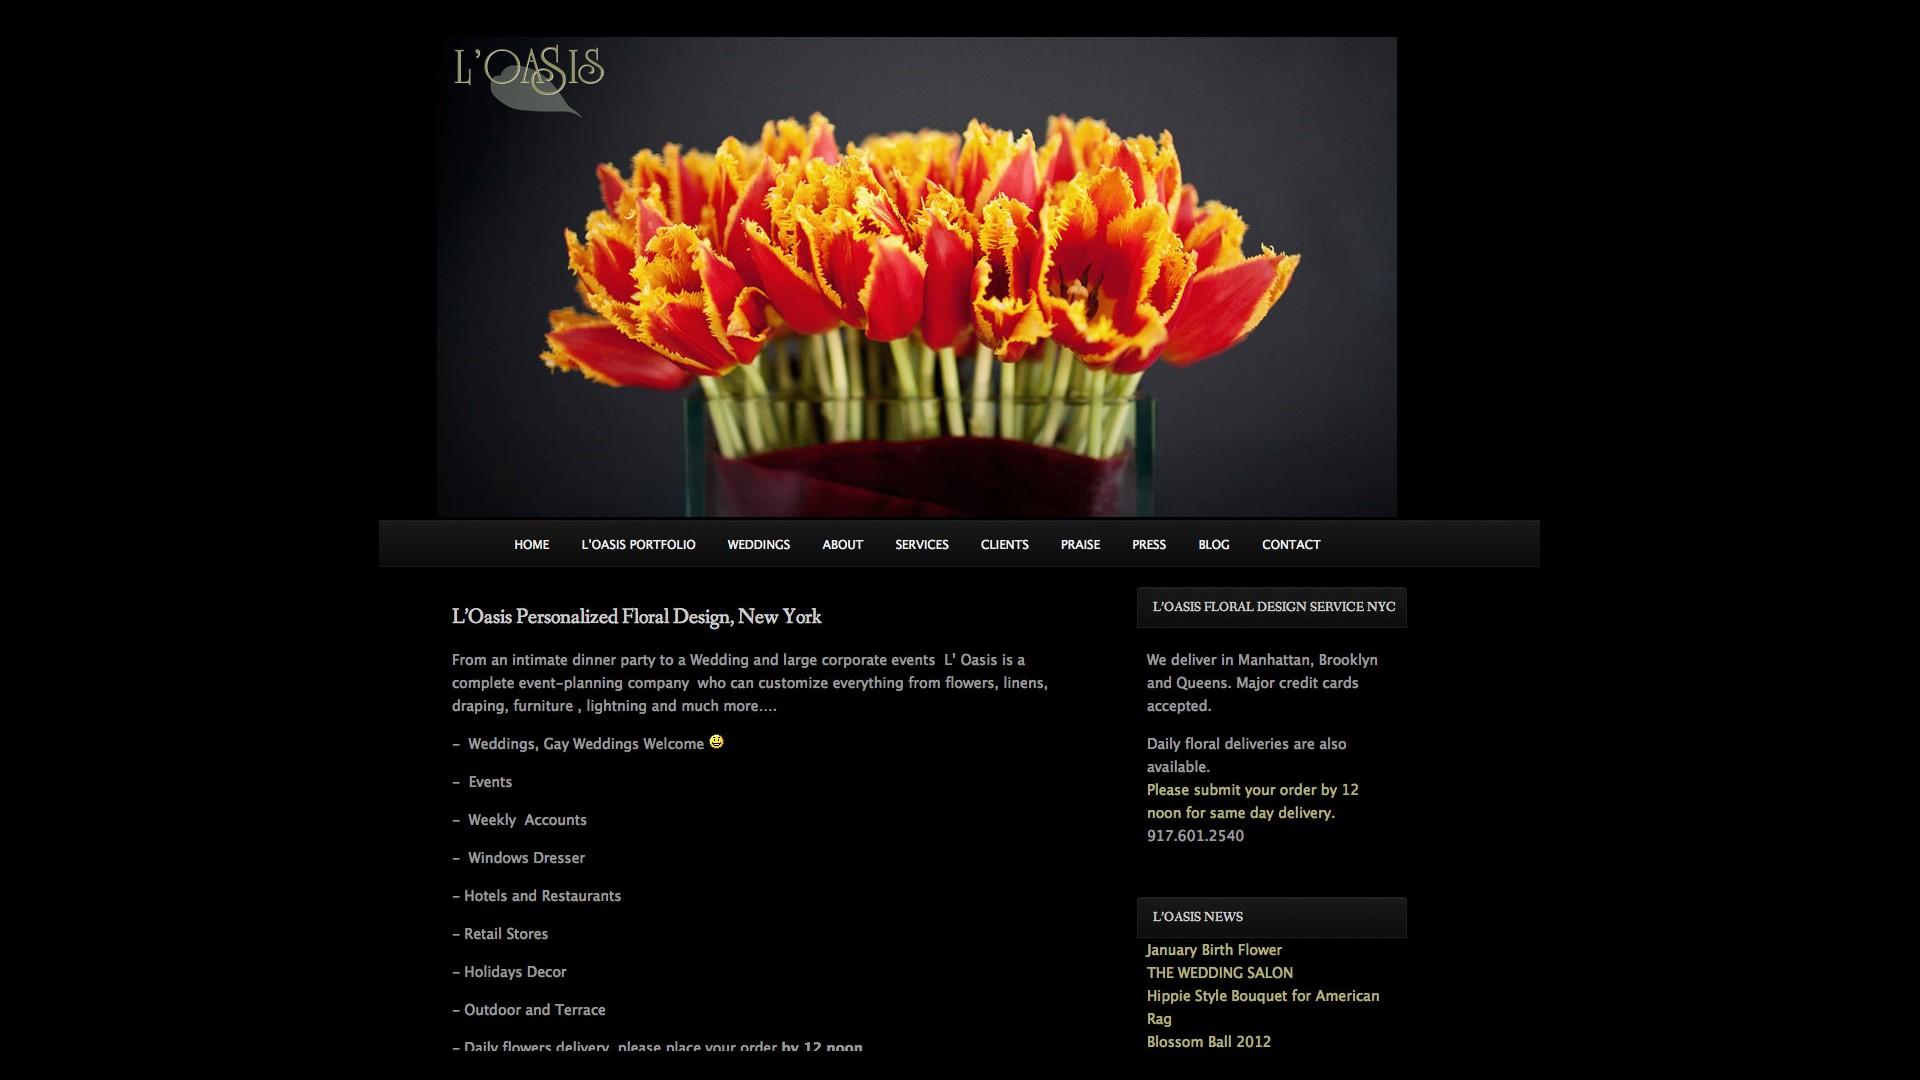 loasis-floral-design-vase